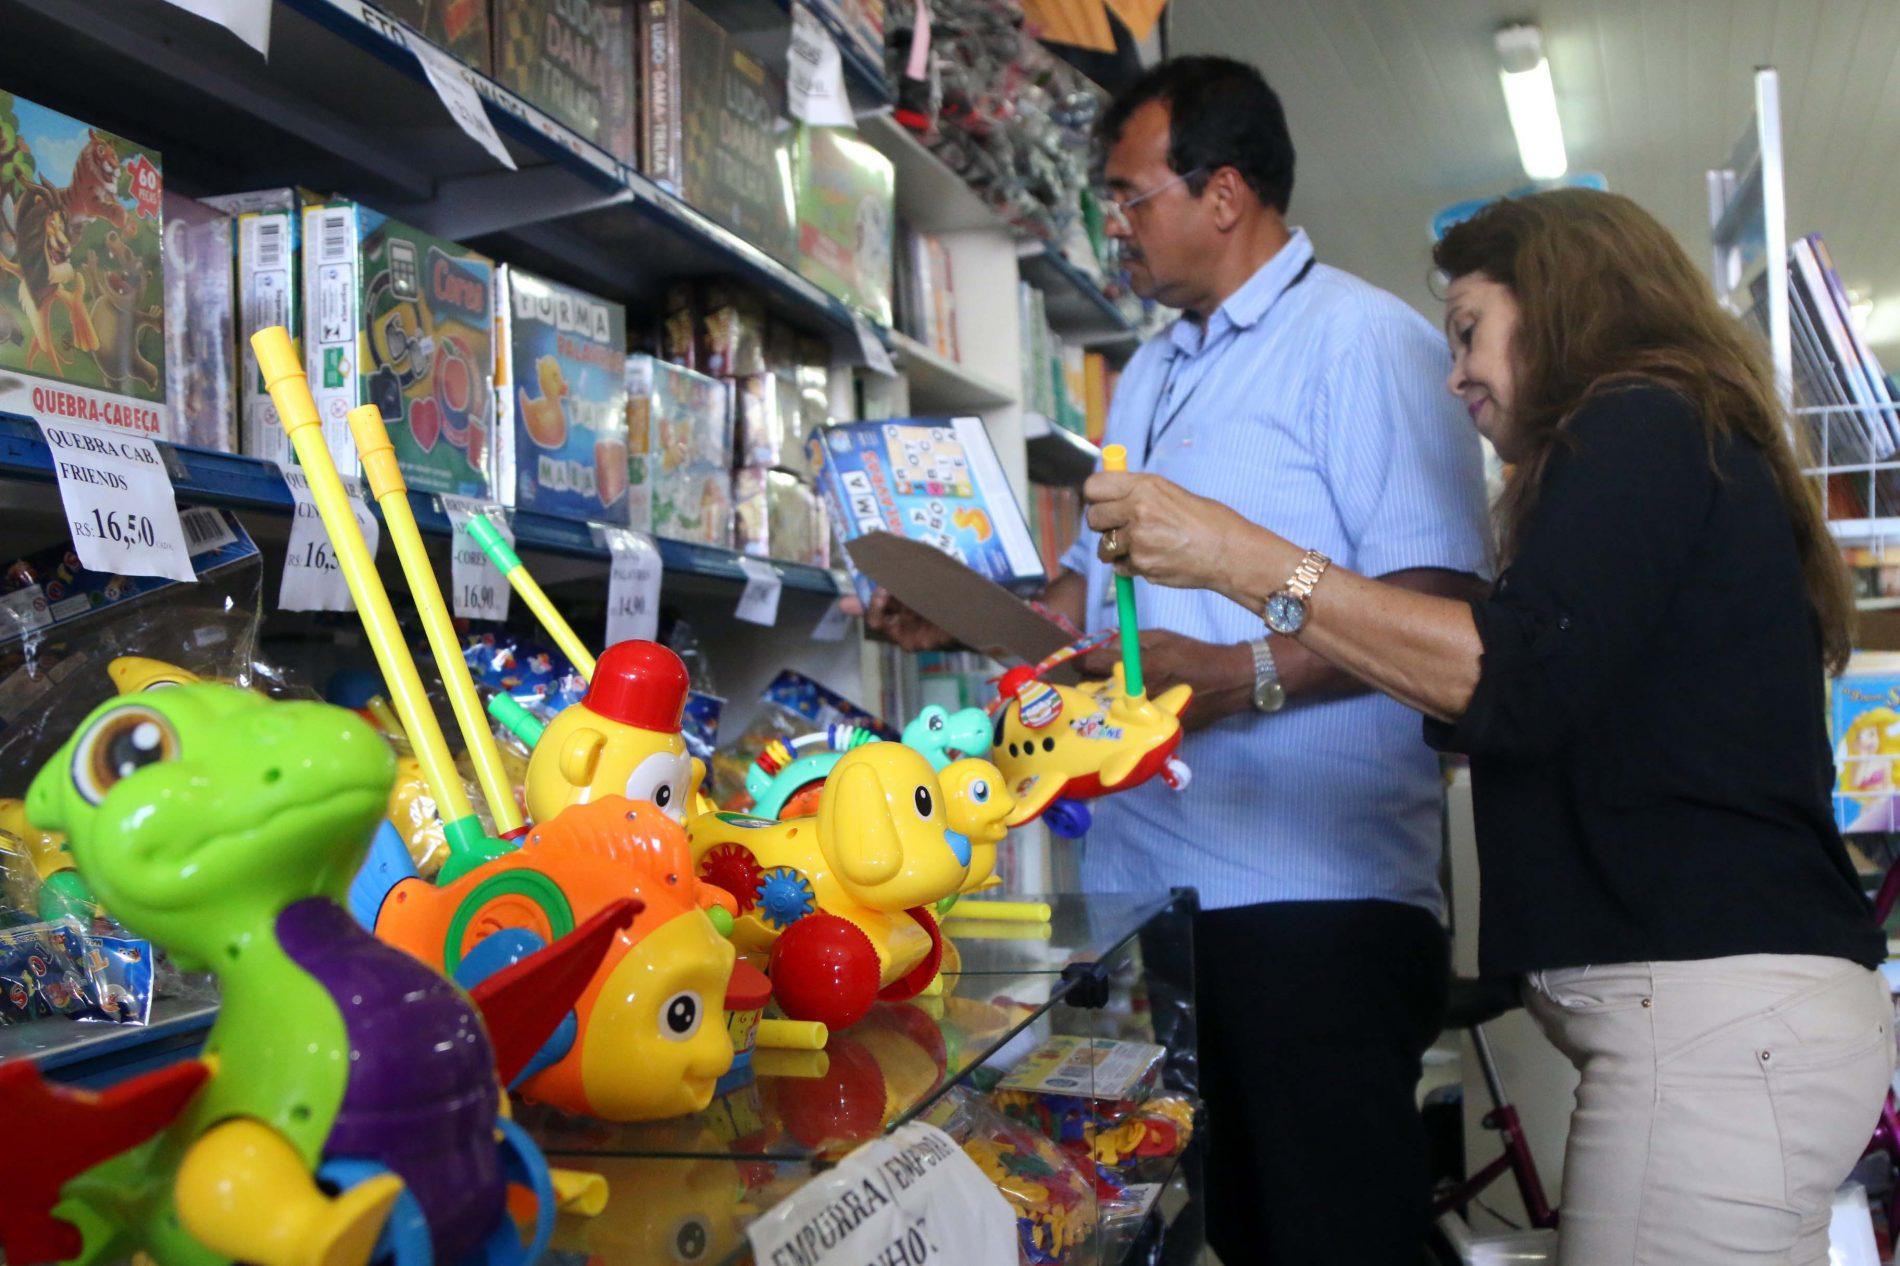 Operação Brinquedo Seguro apreende 151 produtos